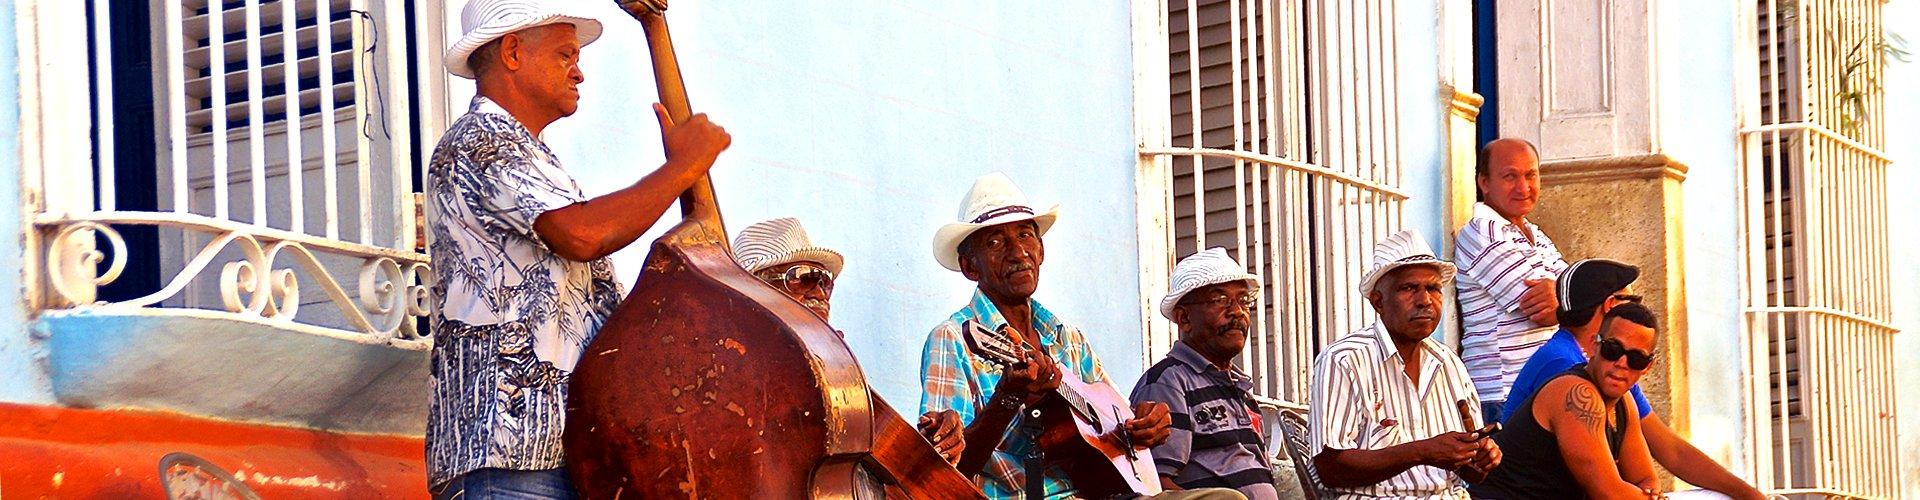 Santiago op Cuba